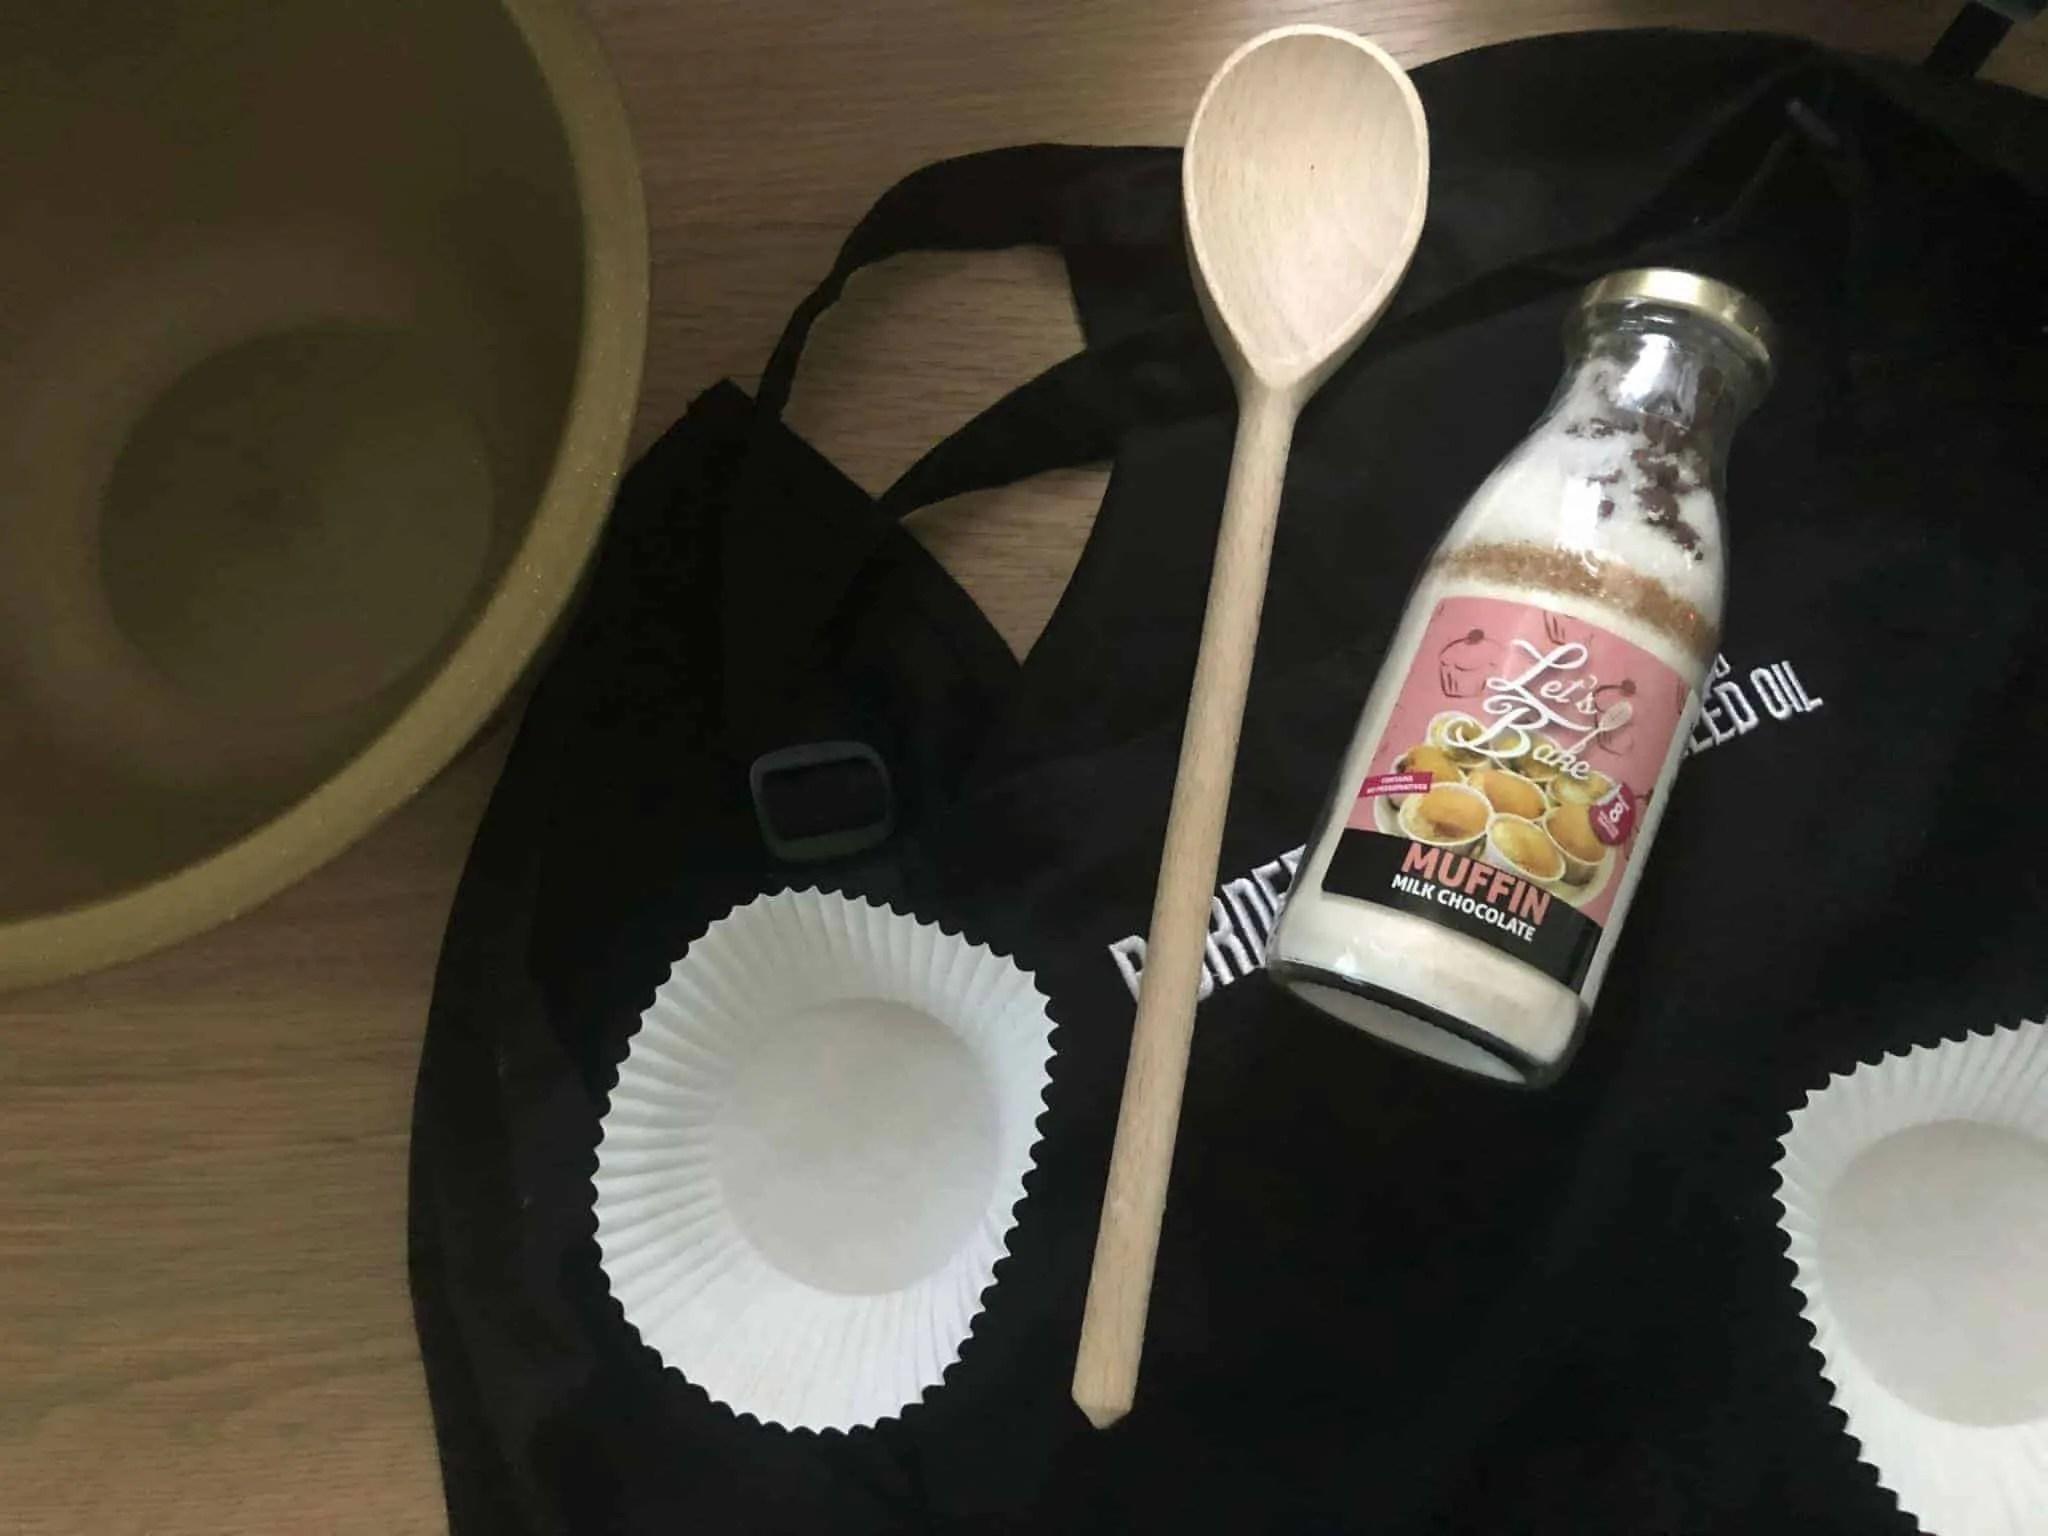 Have fun baking with the timesaving Lets Bake ingredient bottles